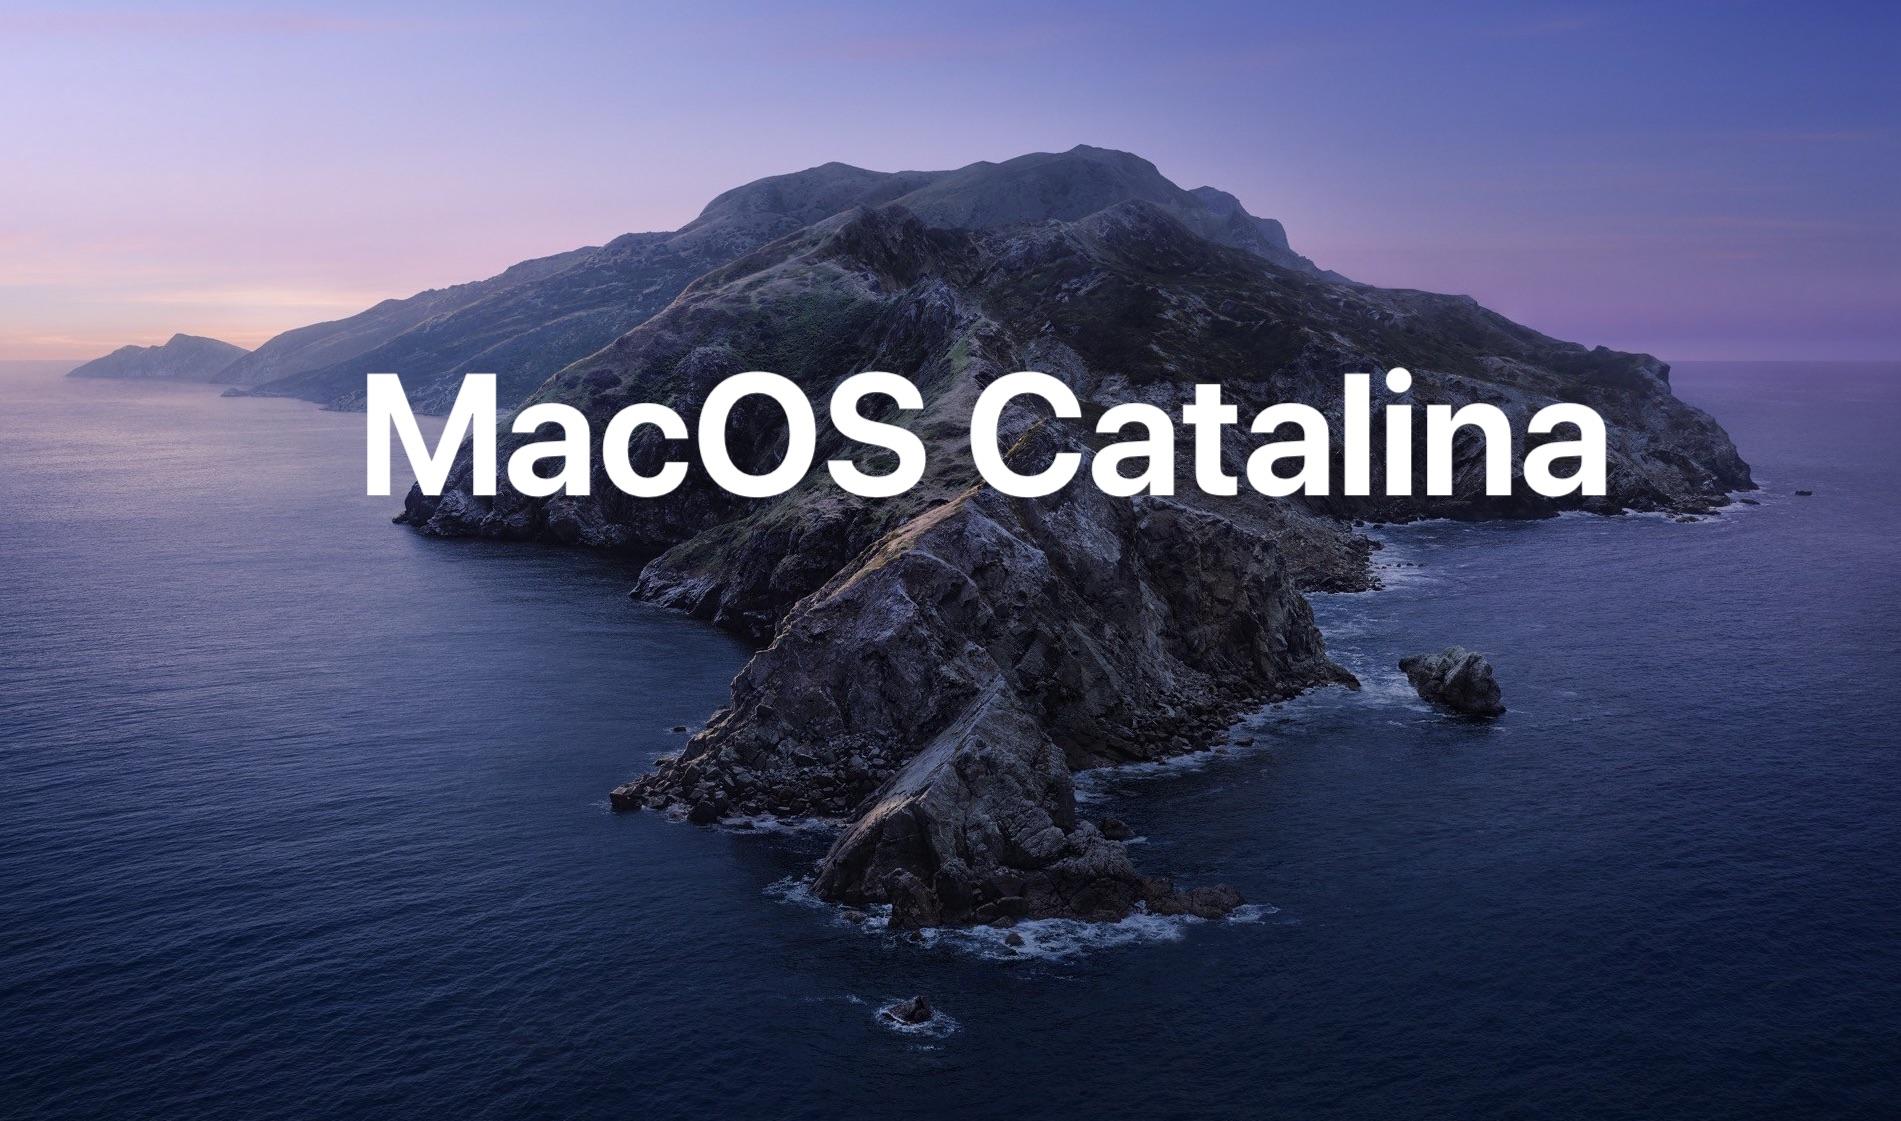 MacOS Catalina 10.15.7 Supplemental Update Released